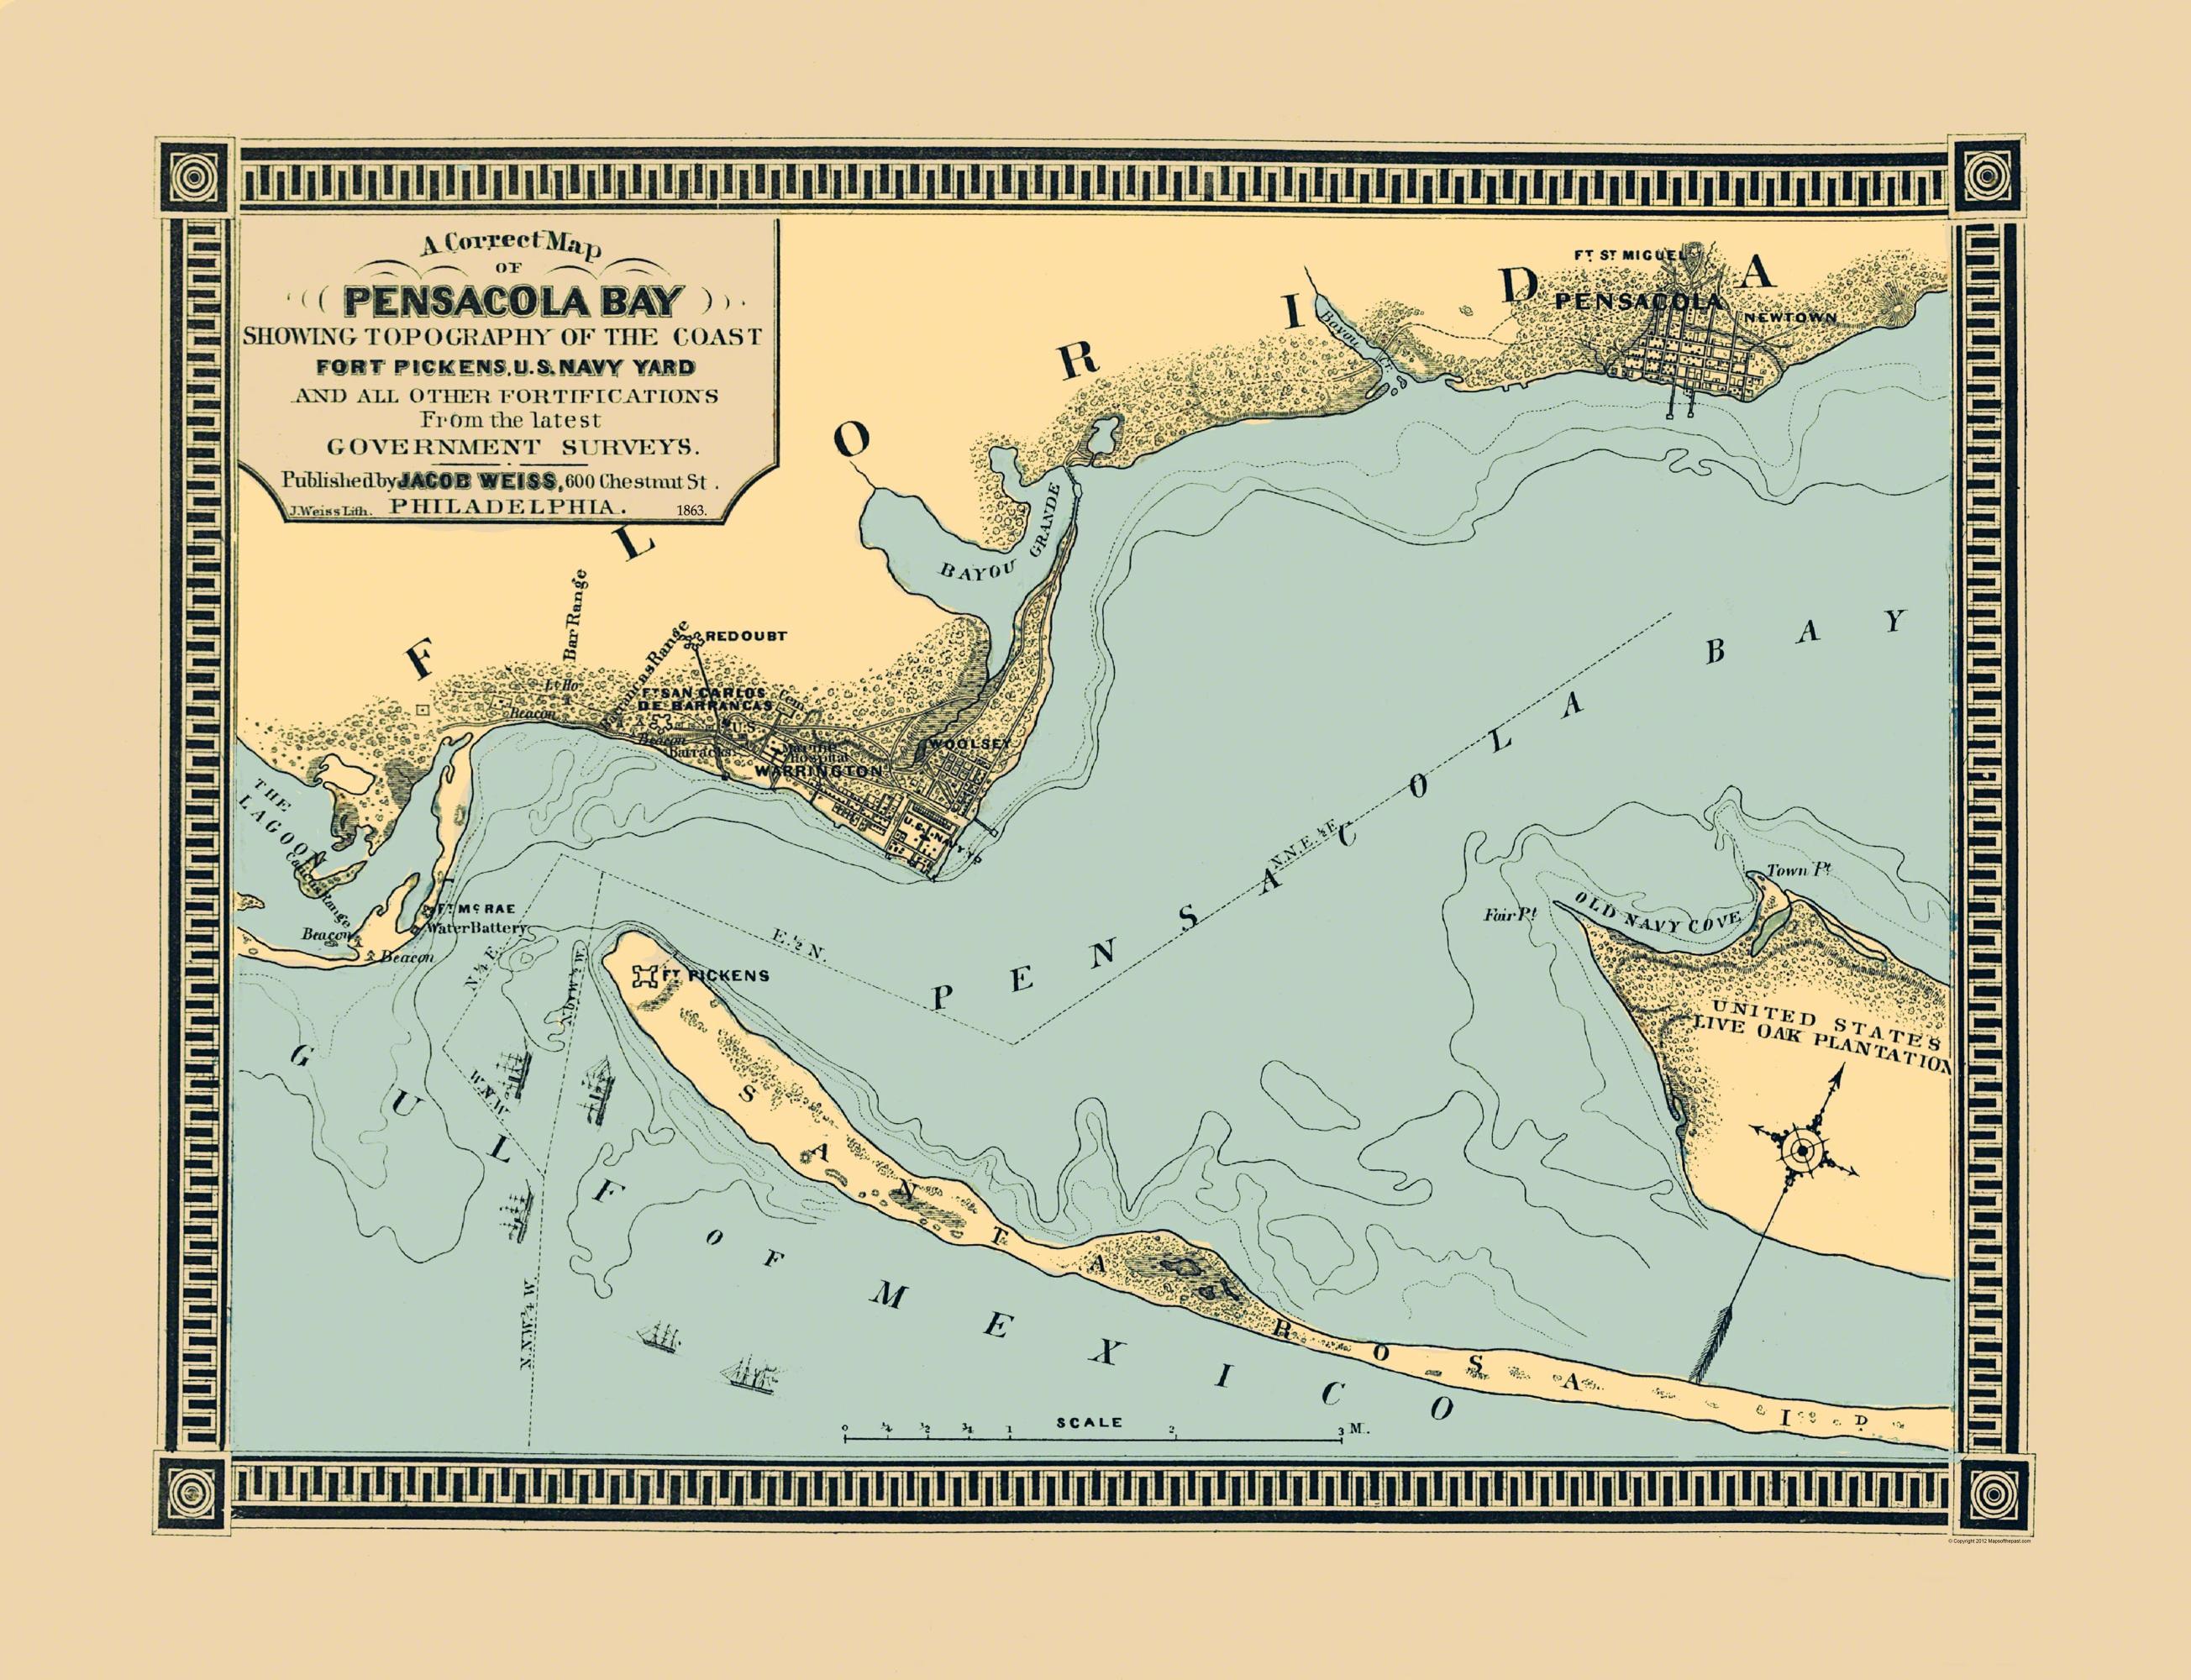 Old City Map - Pensacola Bay Florida - 1863 - Old Maps Of Pensacola Florida